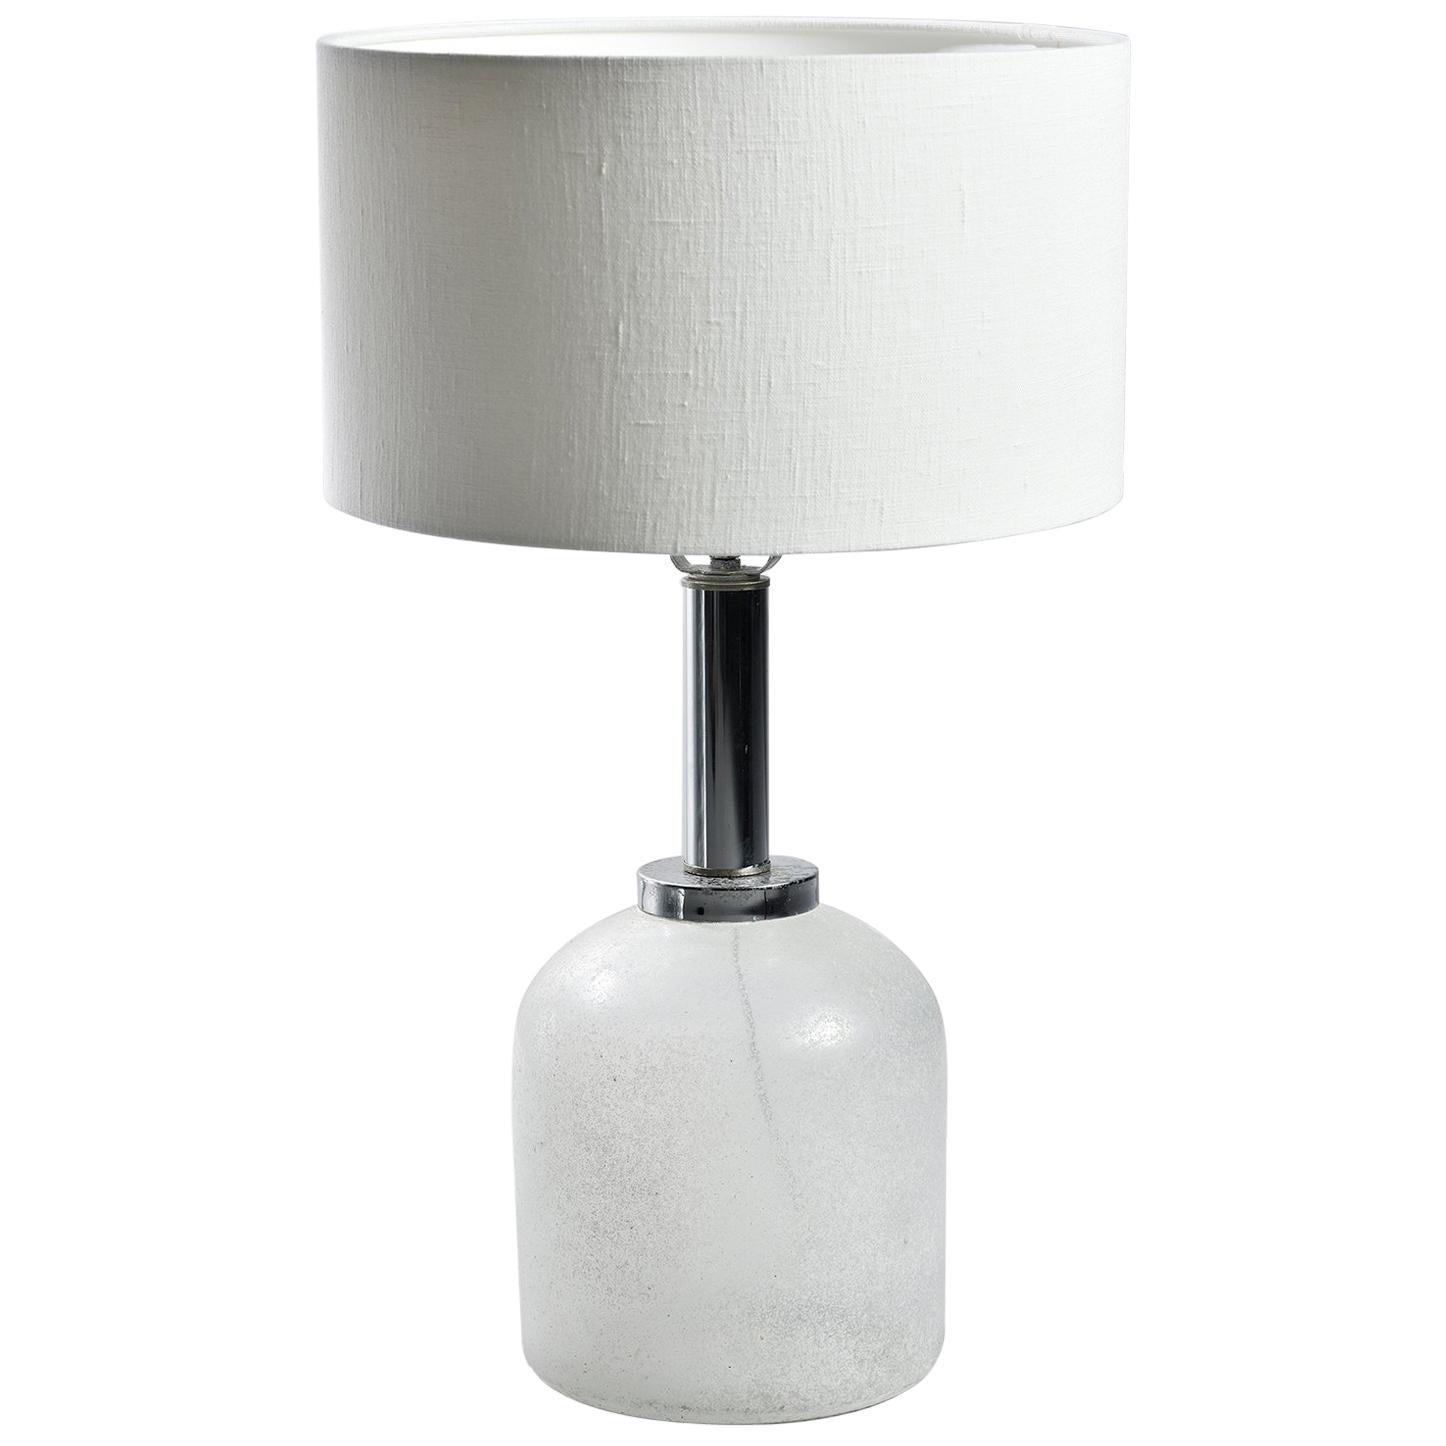 Seguso Vetri d'Arte White Scavo Style Murano Glass Lamp